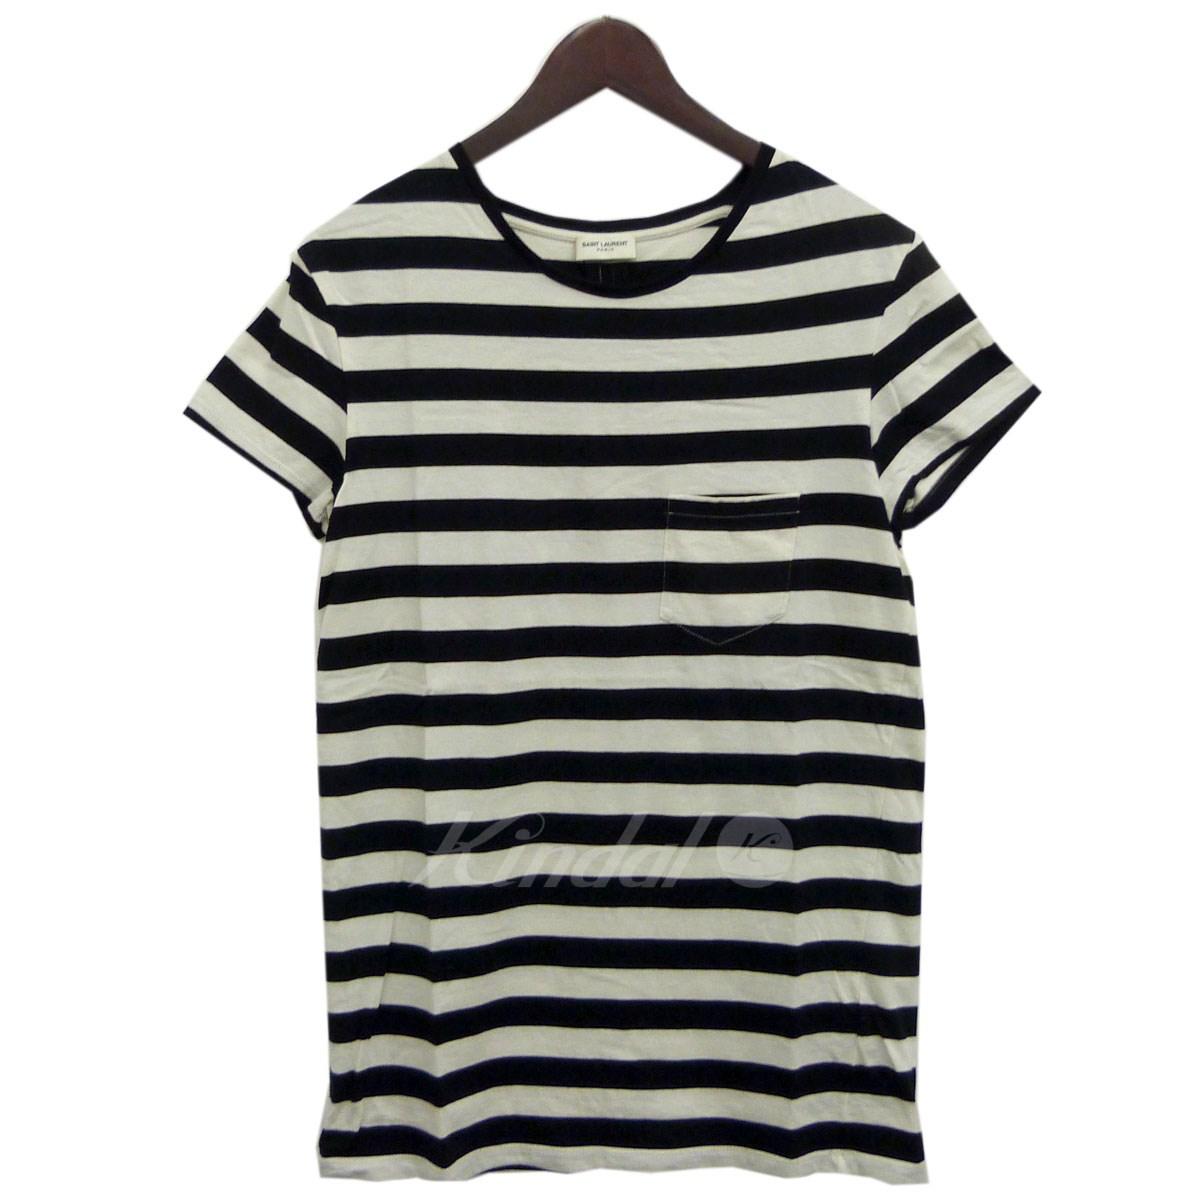 【中古】SAINT LAURENT PARIS 14SSボーダーTシャツ ブラック×ホワイト サイズ:XS 【送料無料】 【091118】(サンローランパリ)